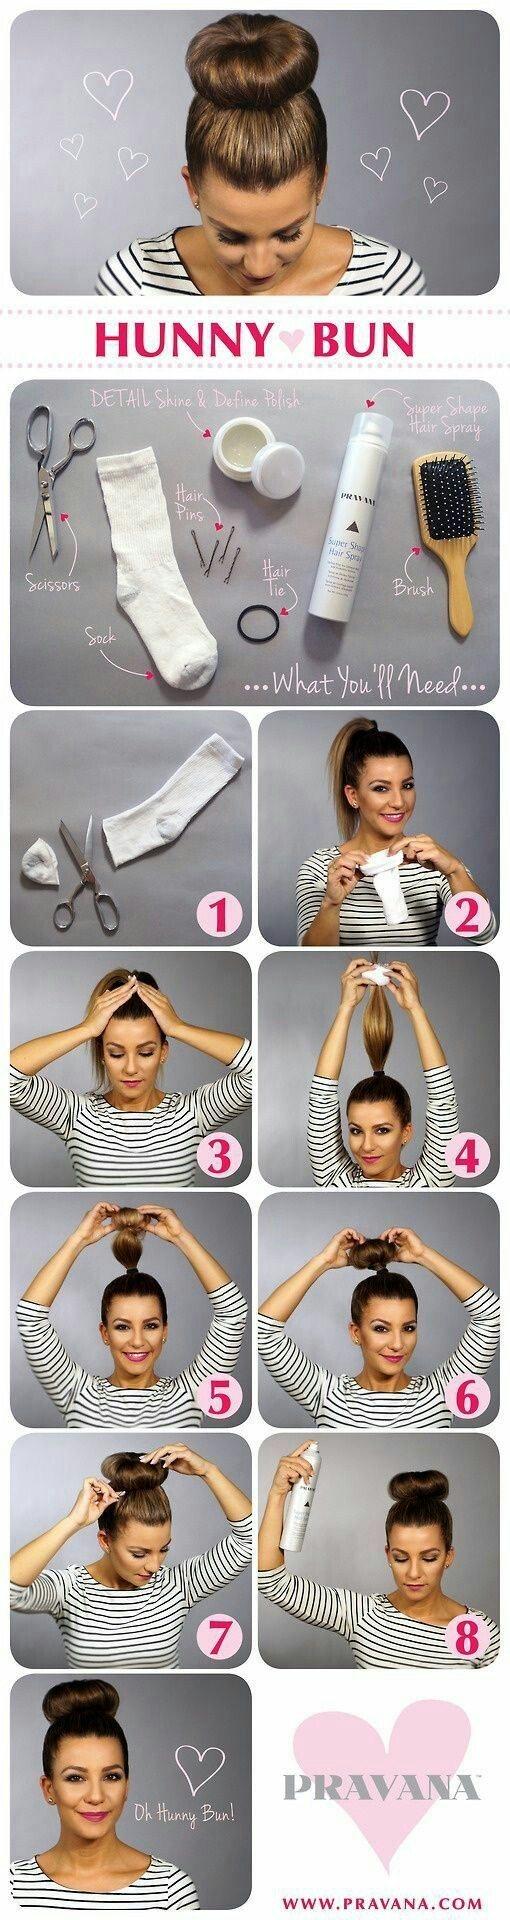 Как быстро сделать шишку на голове самой себе: пошаговая инструкция